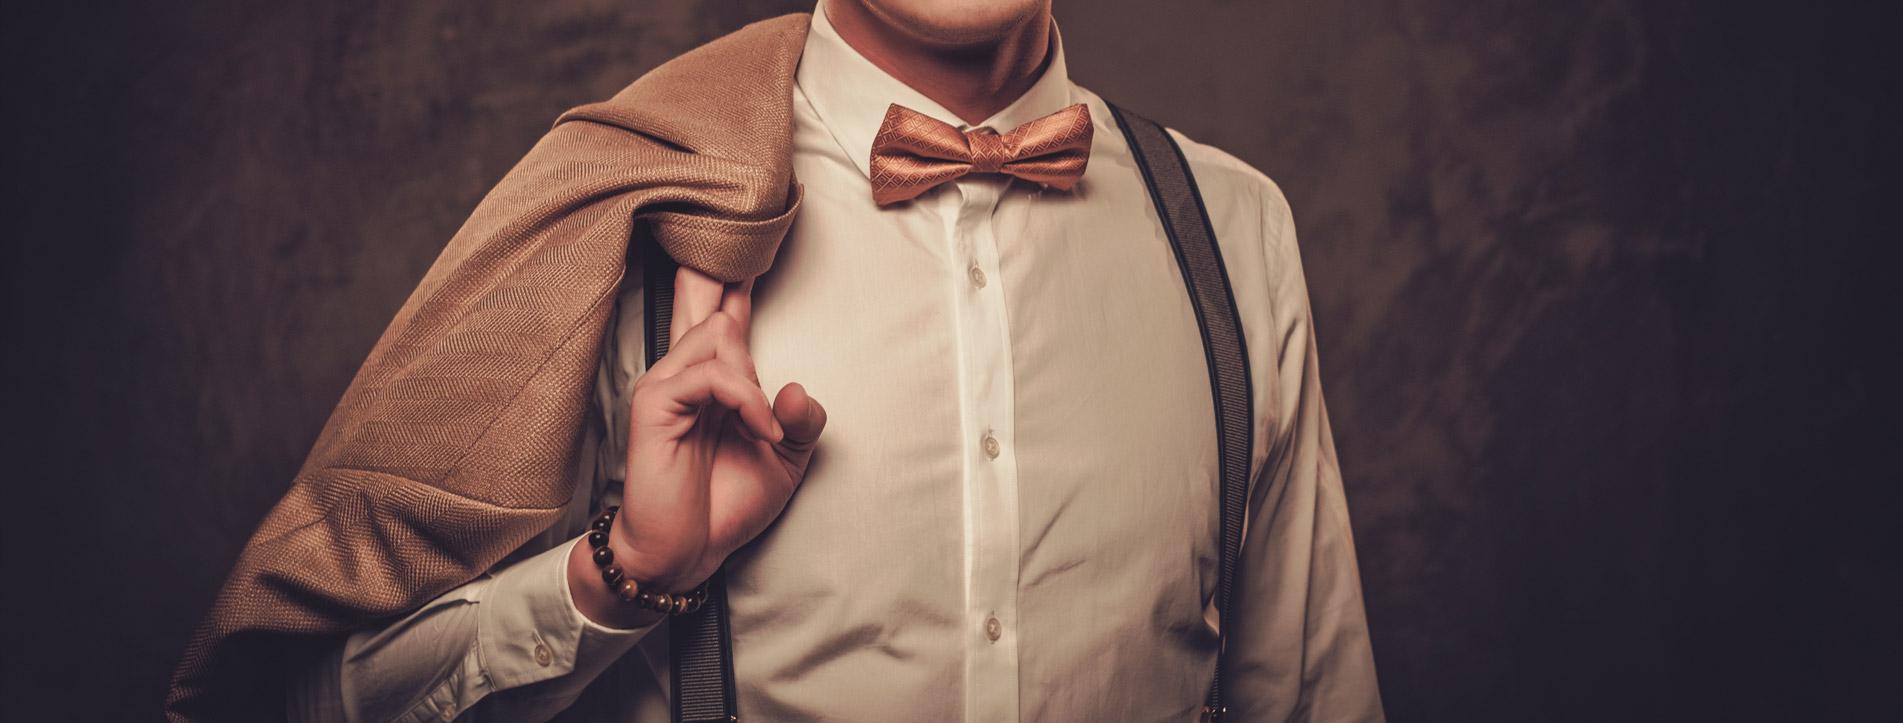 avant-garde de l'époque haut de gamme authentique prix raisonnable Accessoires de mode pour hommes